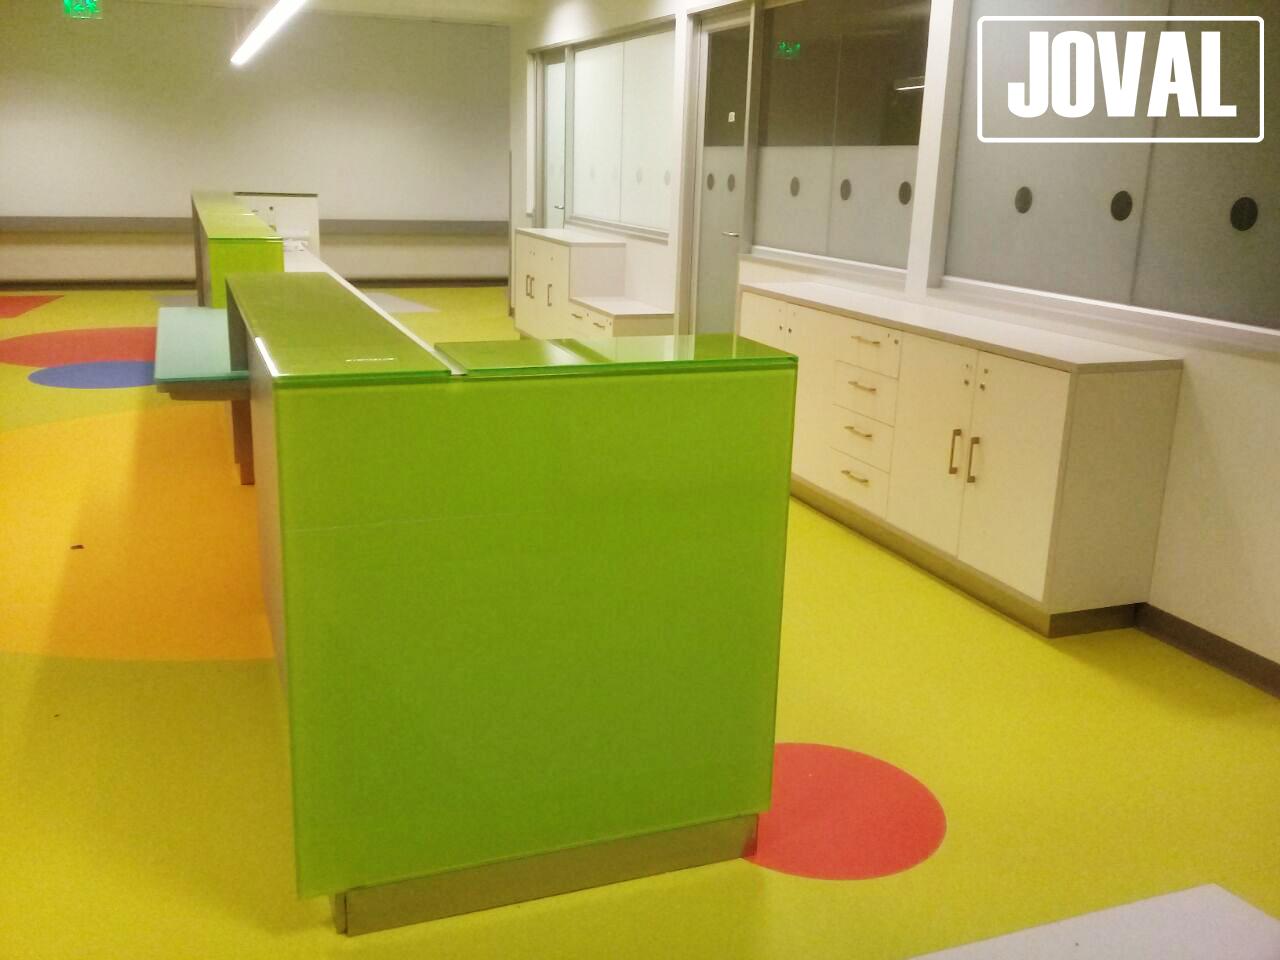 Muebles de Recepción – Joval – Proyectos mobiliarios a medida - photo#30